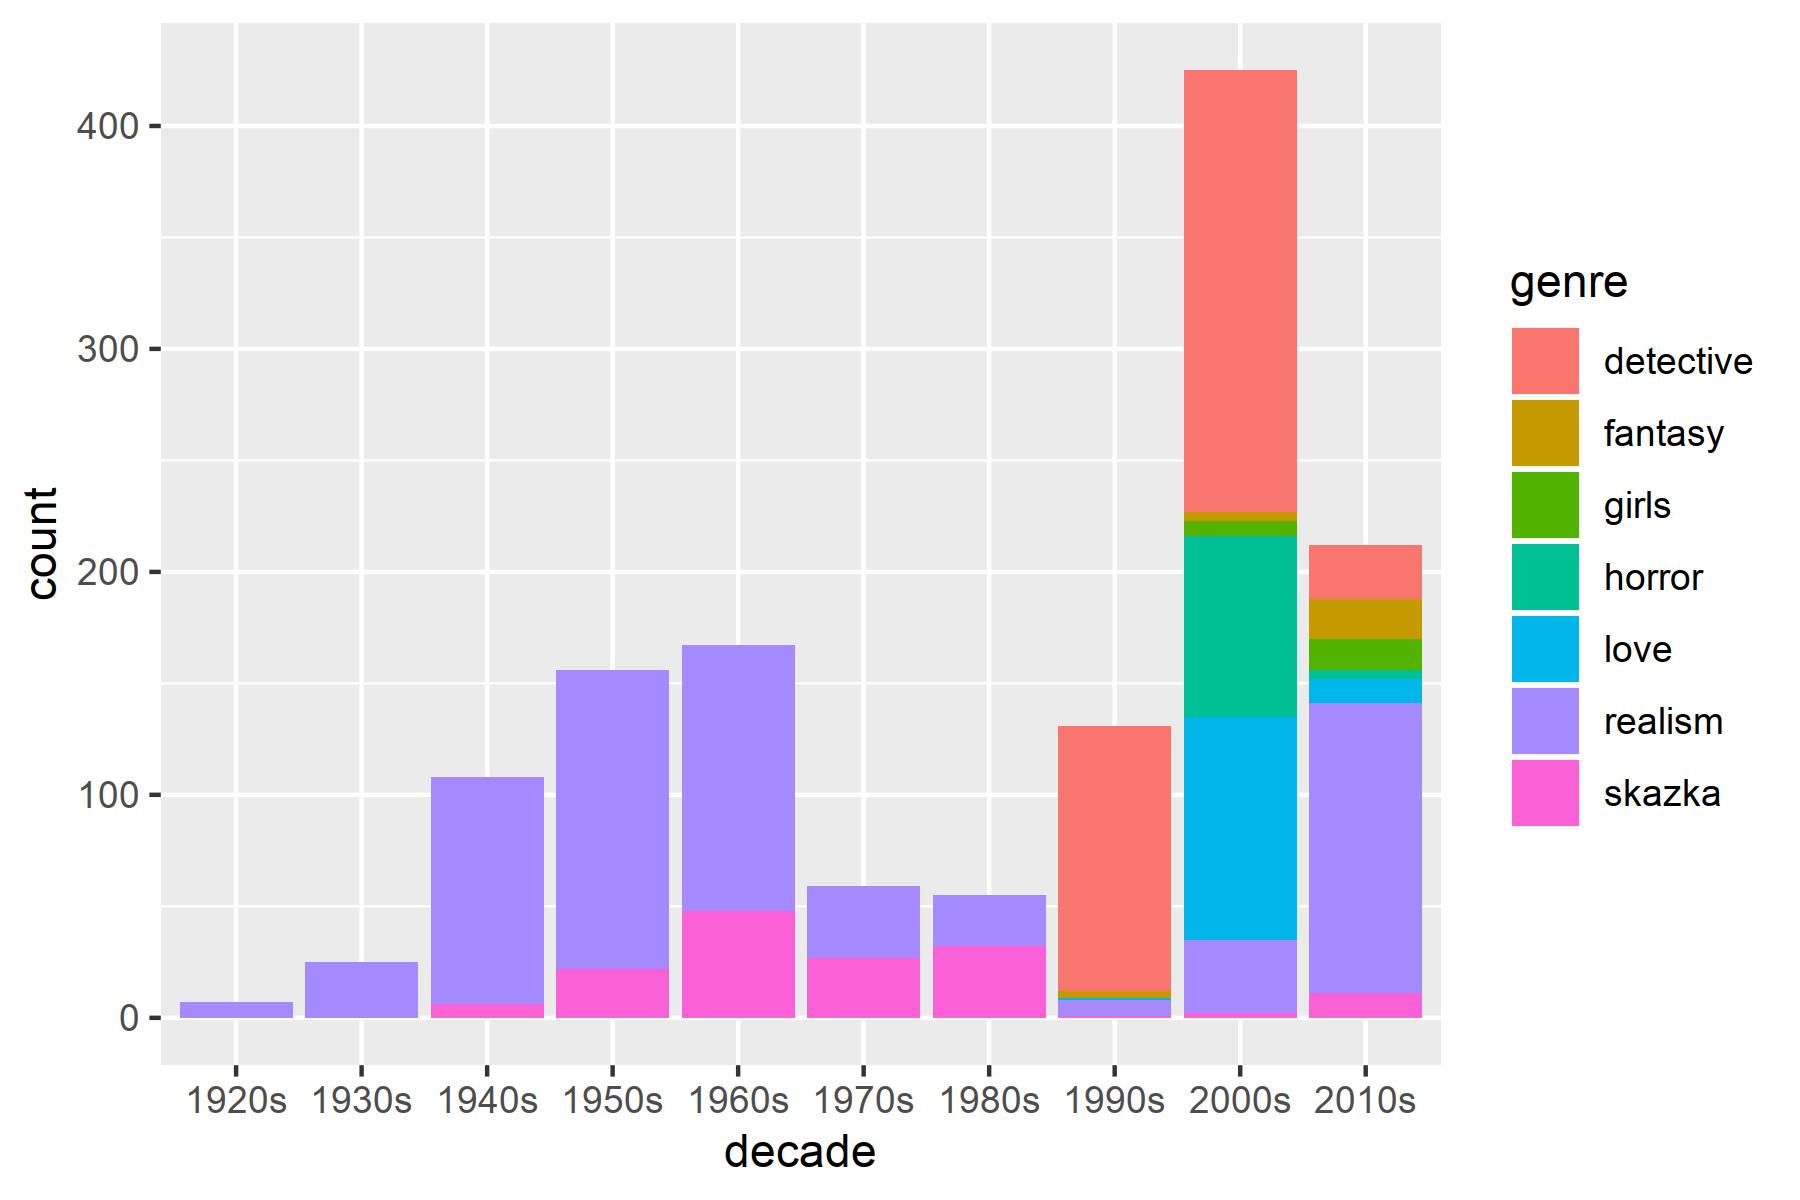 распределение жанров произведений в корпусе по десятилетиям